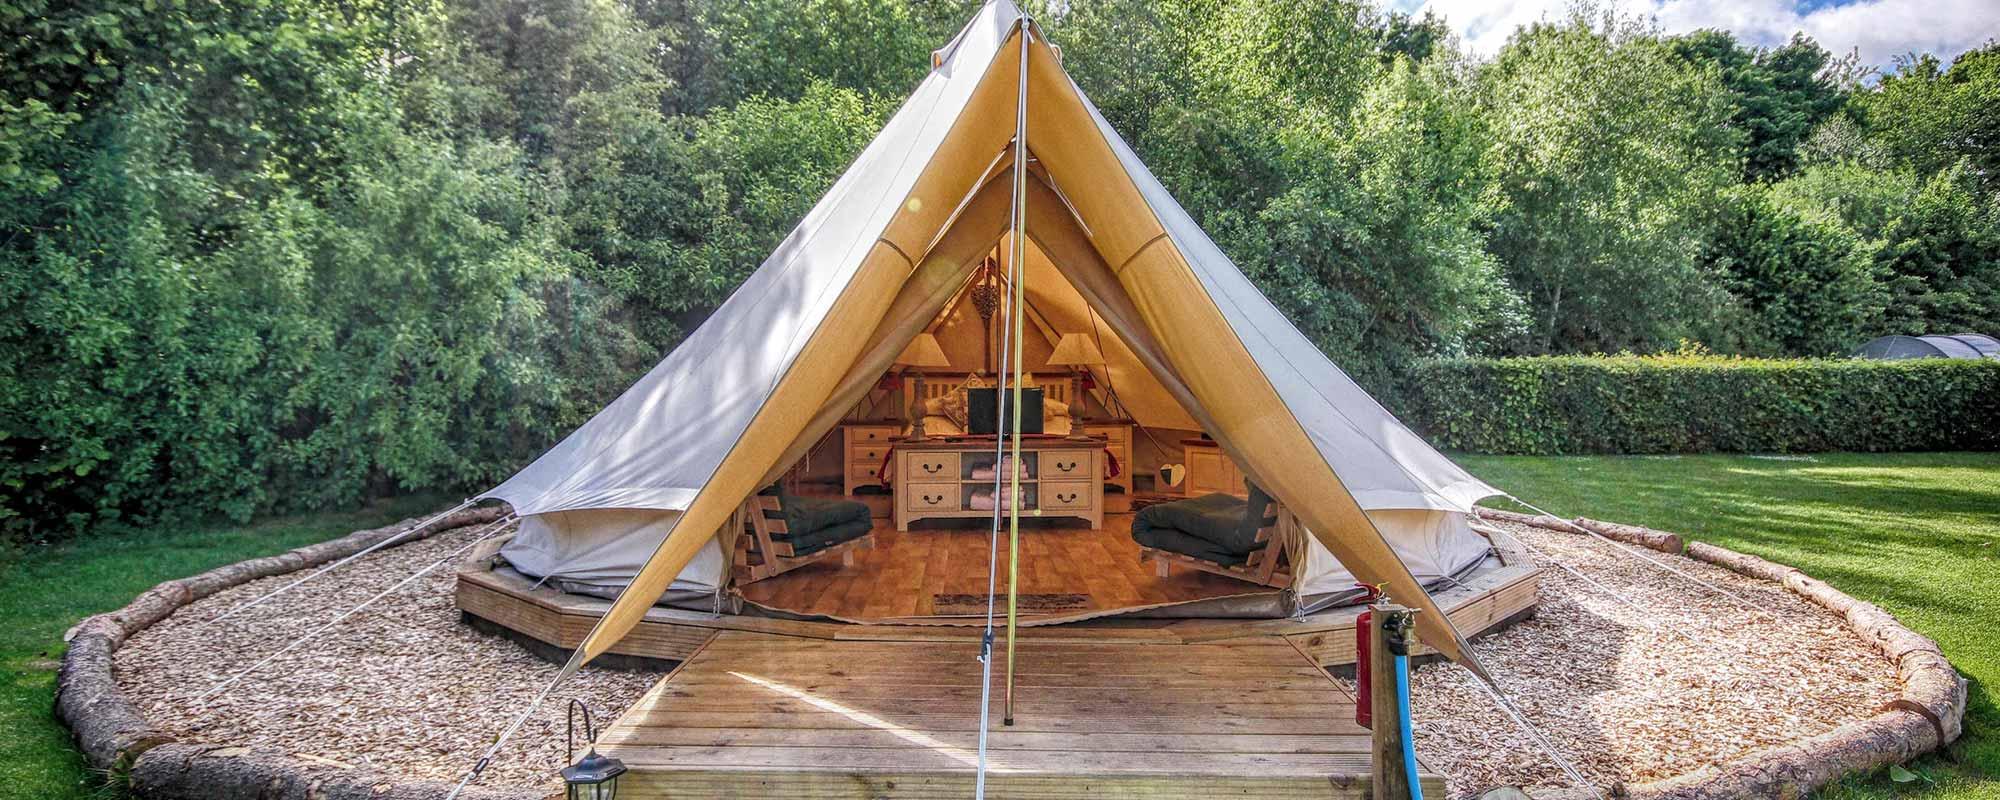 Menu & Bell Tent Glamping in Norfolk | Deeru0027s Glade